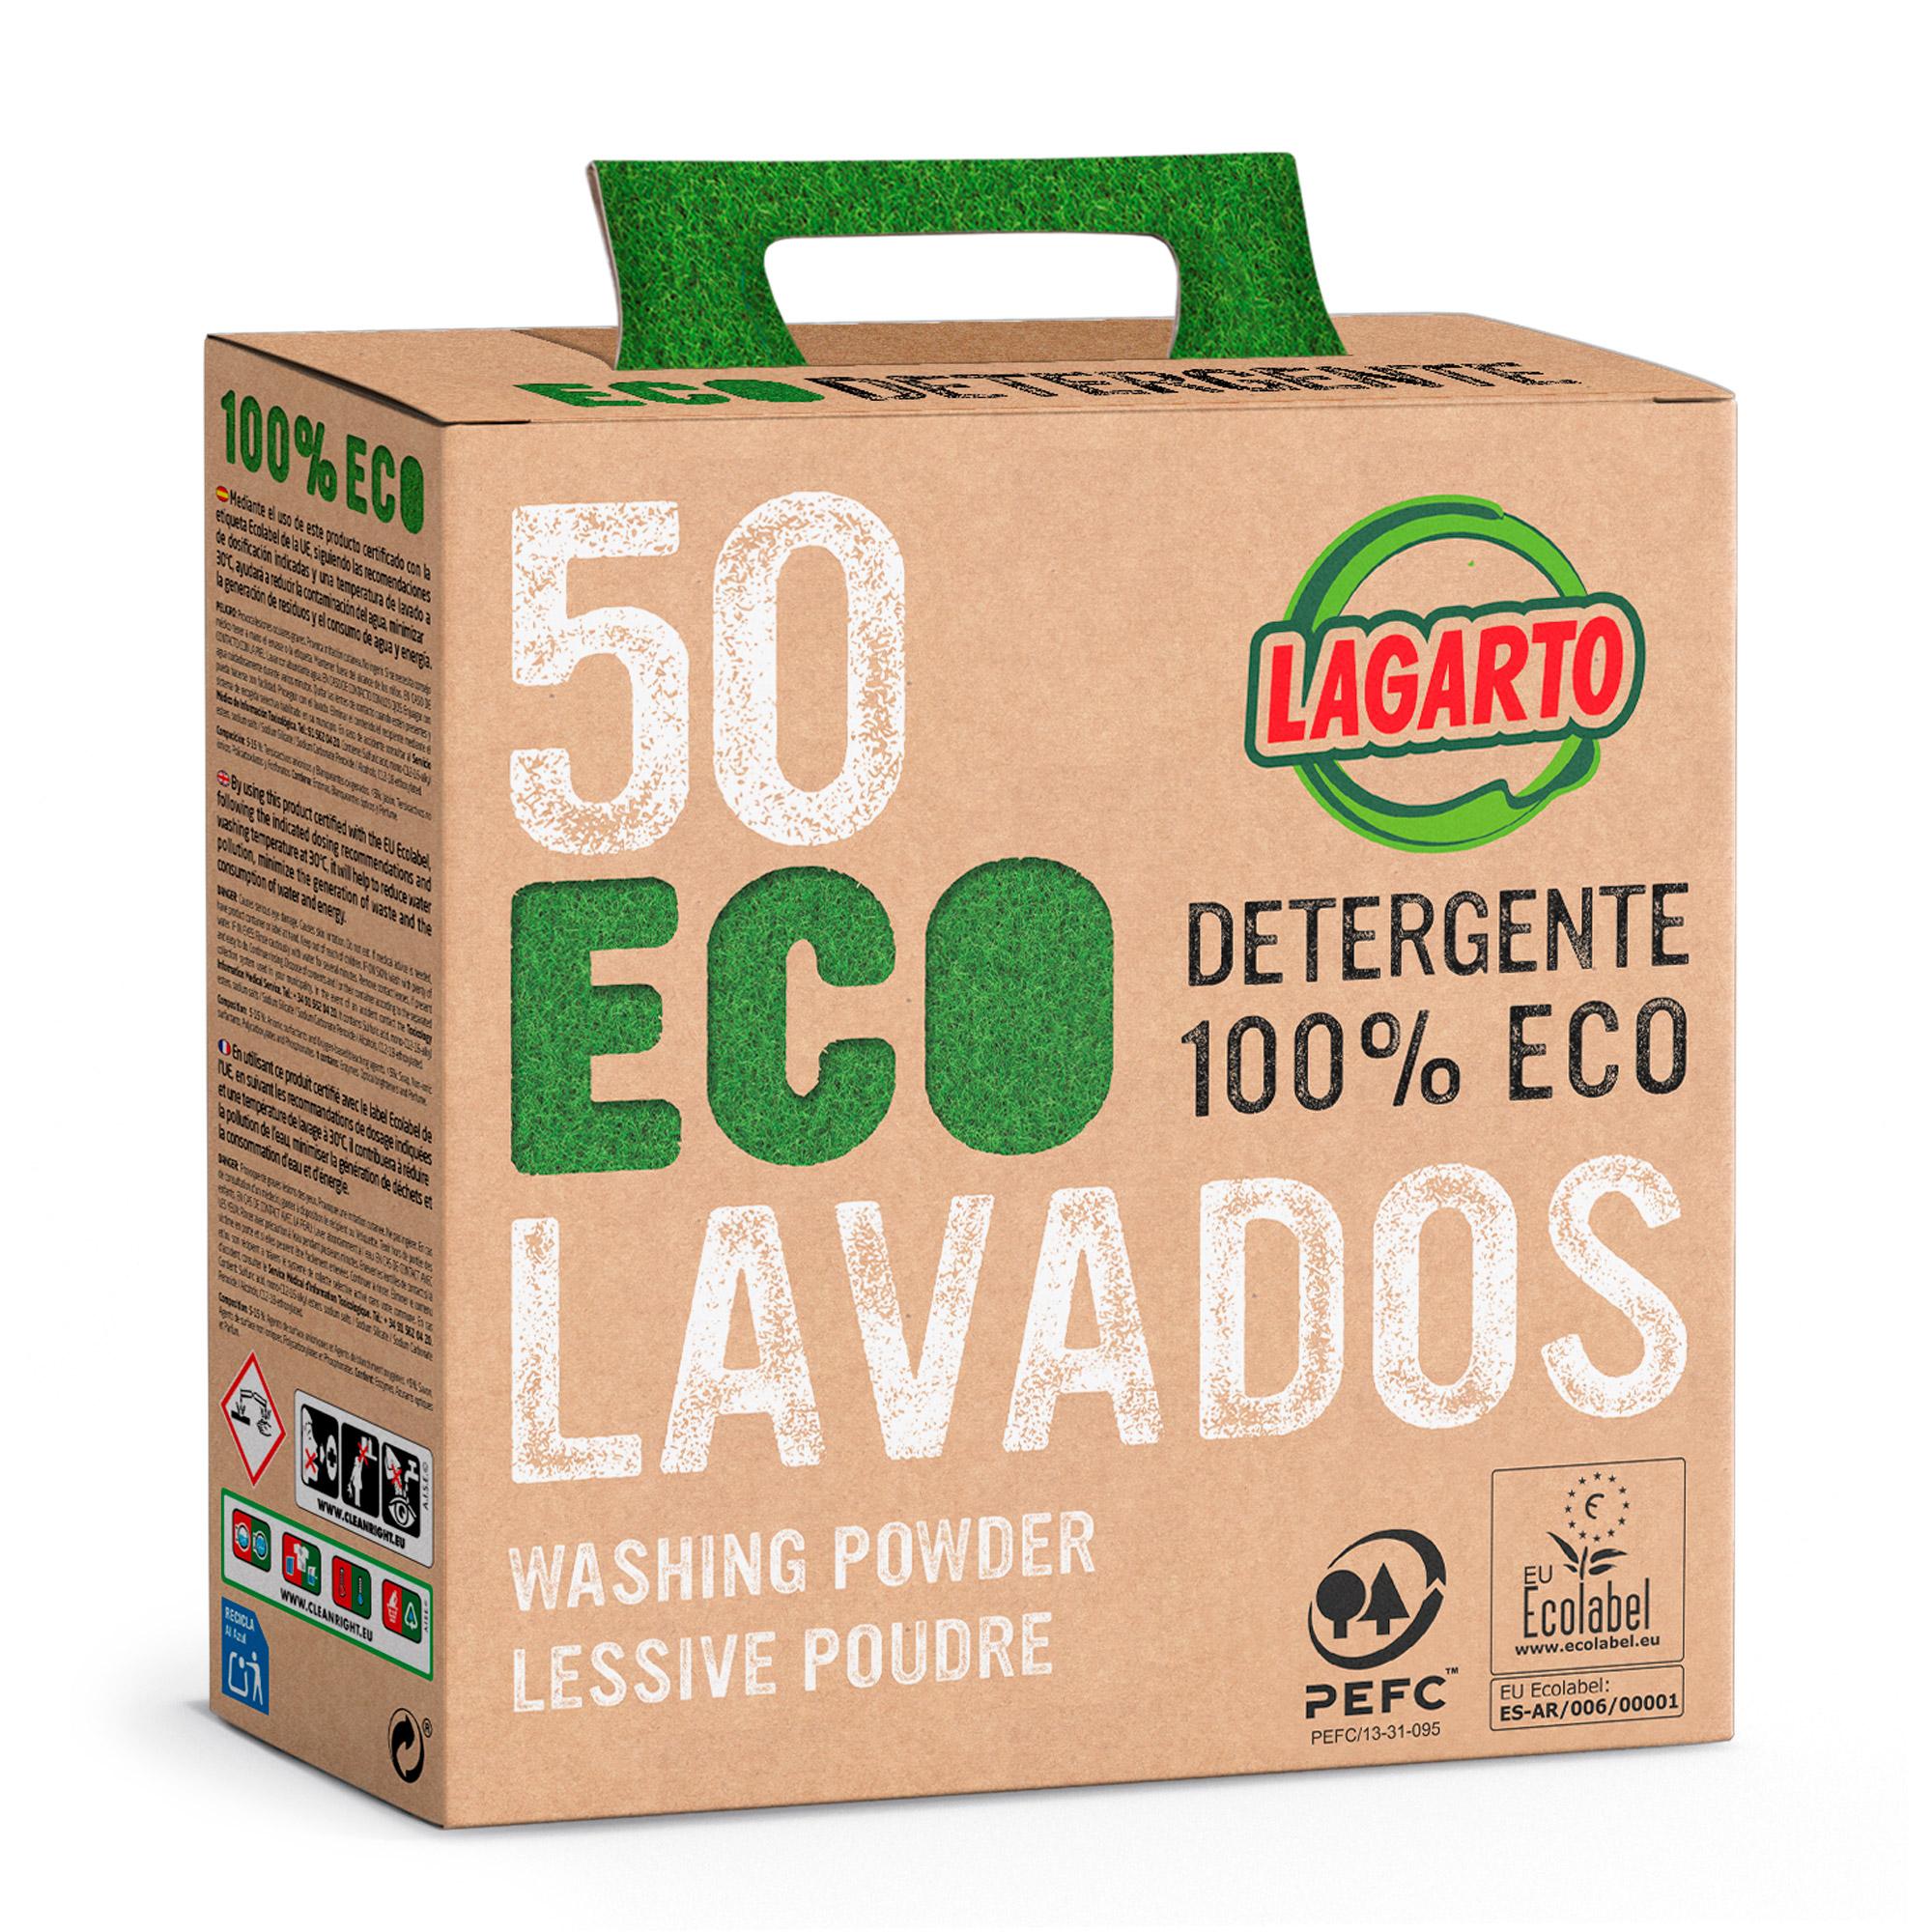 (Español) Detergente Lagarto 100% Eco 50 Lavados